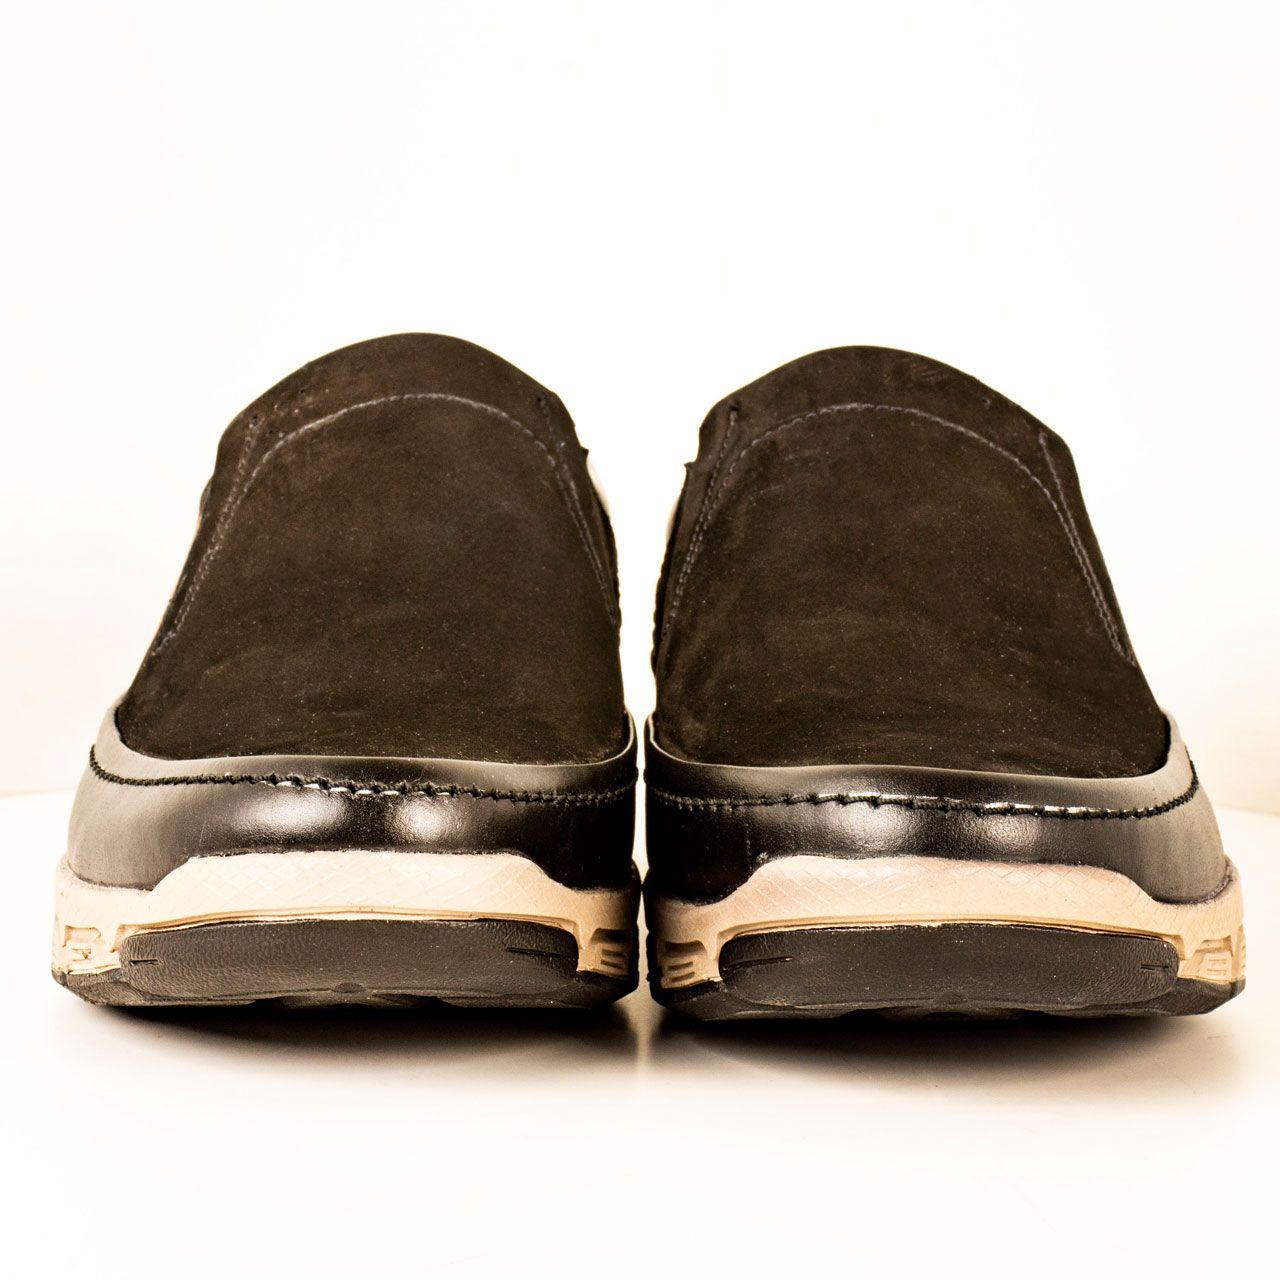 کفش روزمره مردانه پارینه چرم مدل SHO179 -  - 6